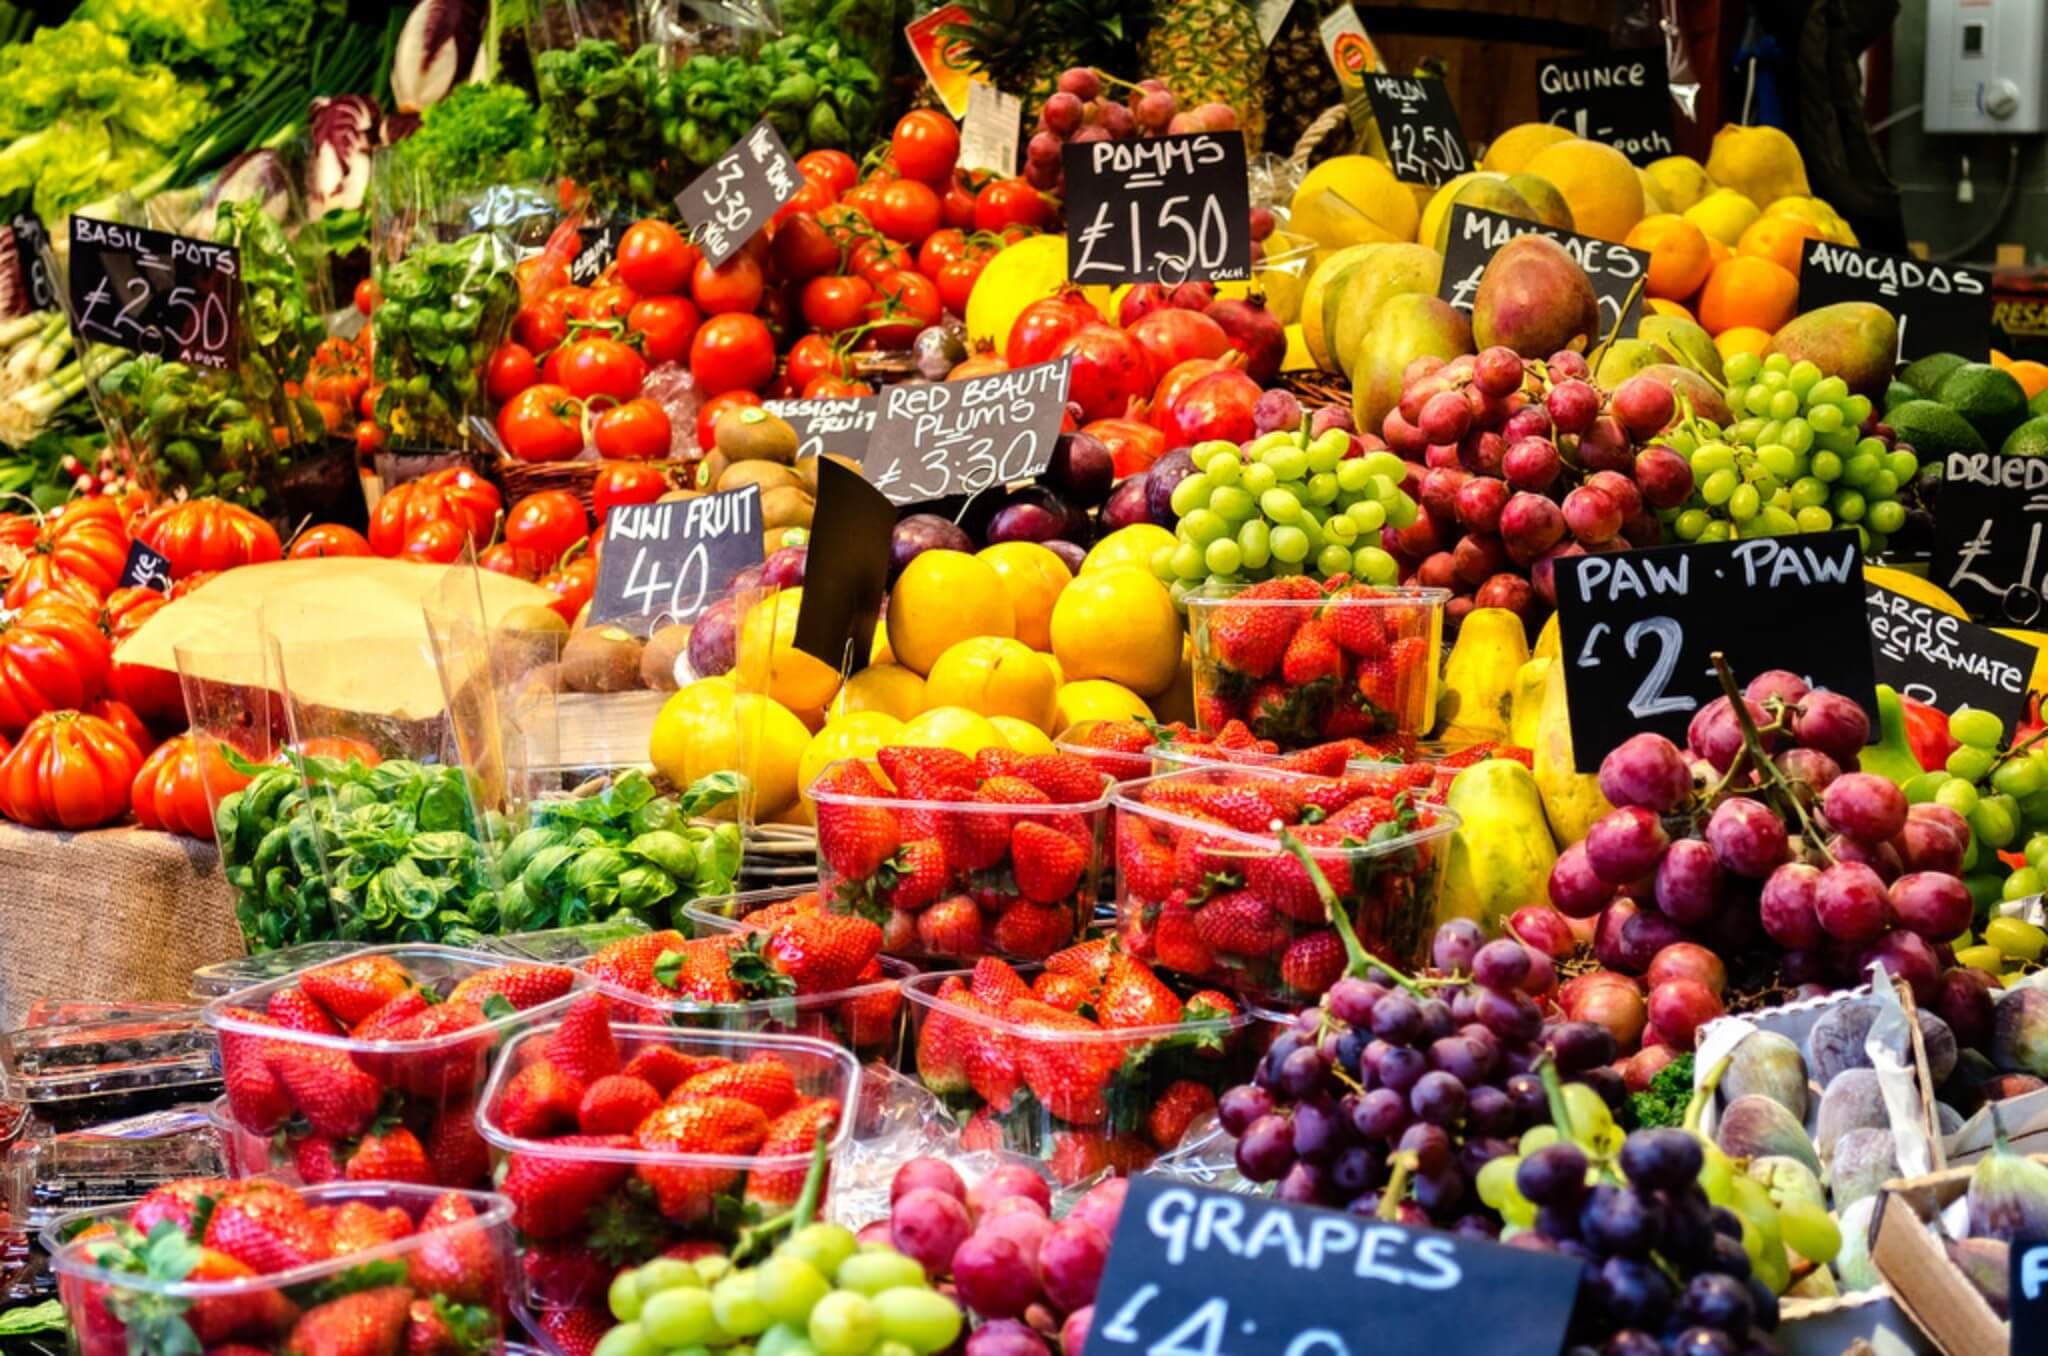 dimagrire mangiando frutta e verdura